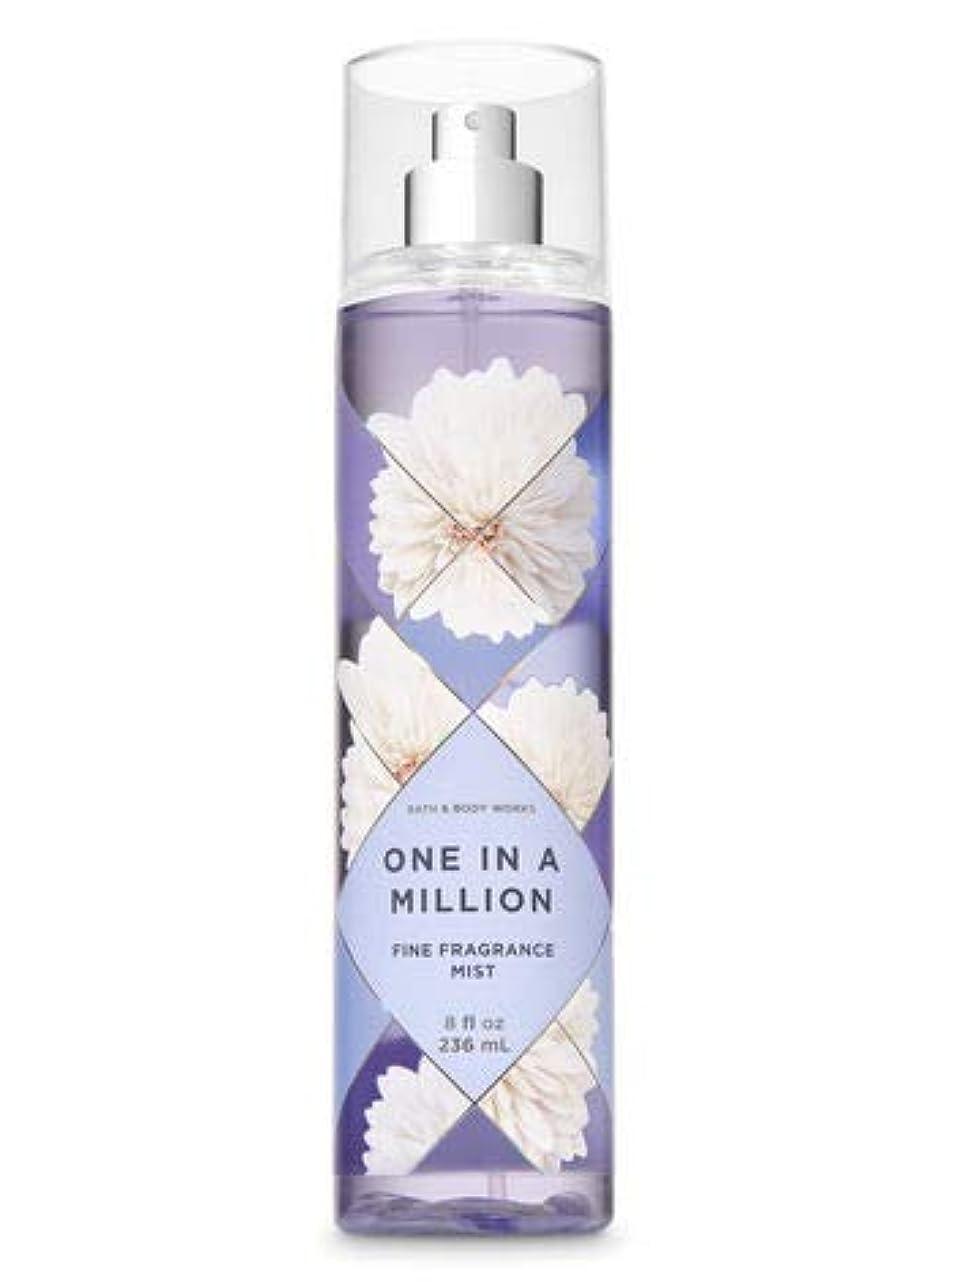 類似性クロニクルアクセス【Bath&Body Works/バス&ボディワークス】 ファインフレグランスミスト ワンインアミリオン Fine Fragrance Mist One in a Million 8oz (236ml) [並行輸入品]